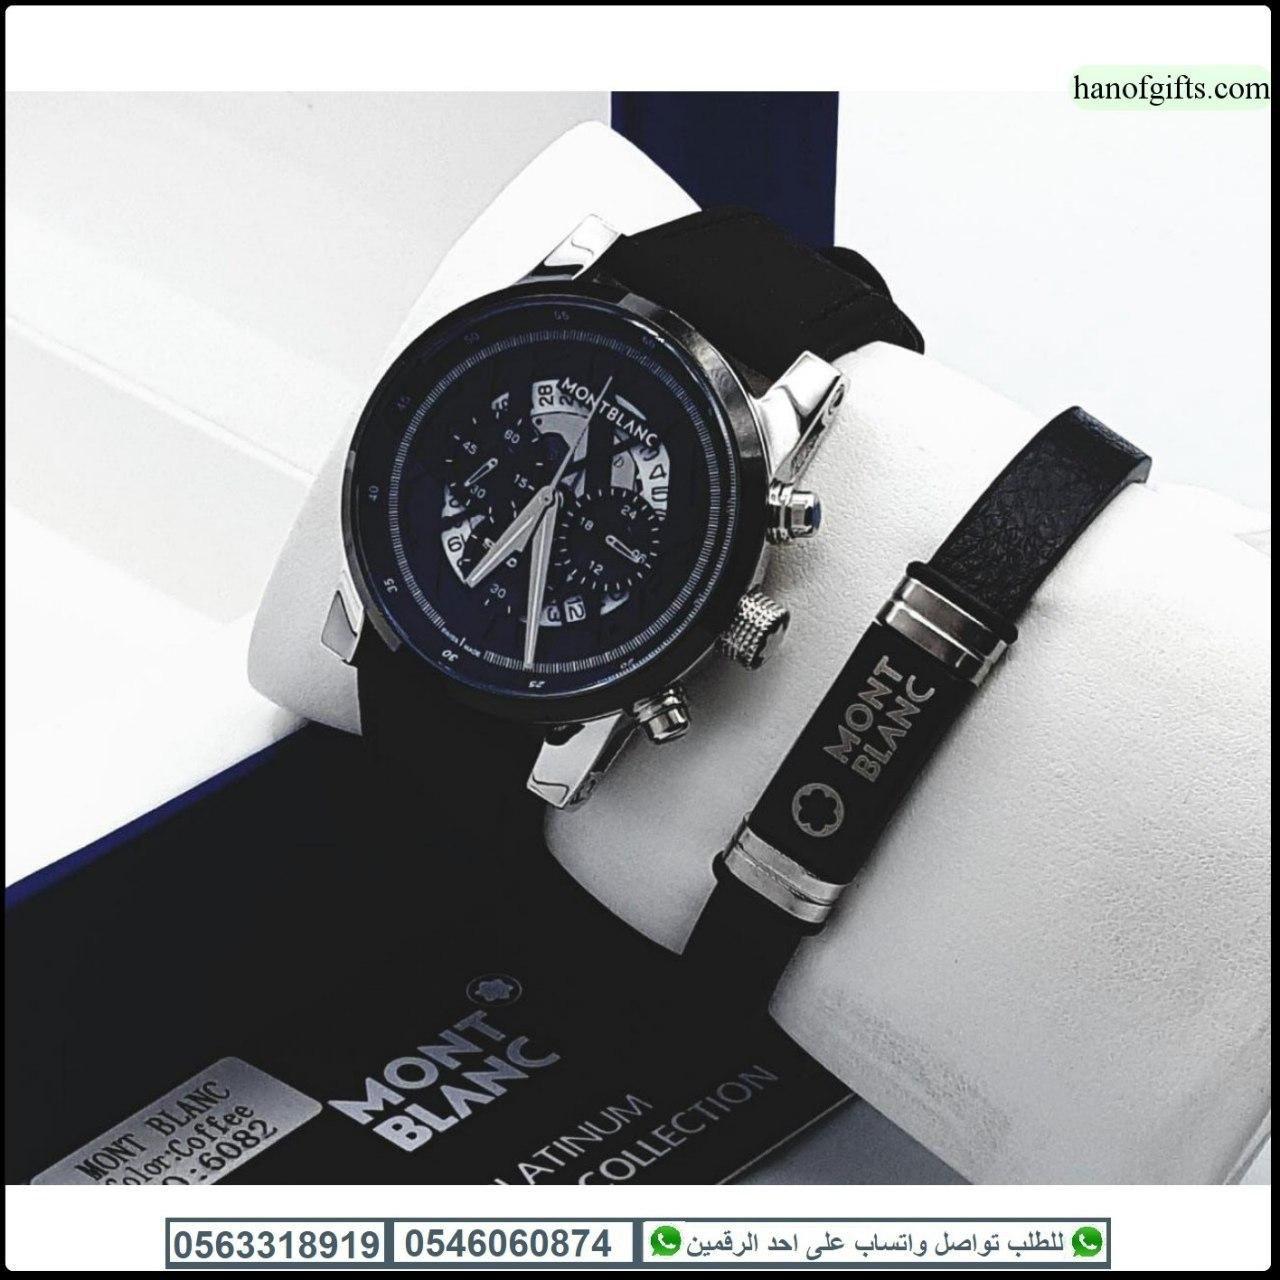 ساعات مونت بلانك رجالي Mont Blanc درجه اولى مع اسواره هدايا هنوف Casio Watch Watches Casio